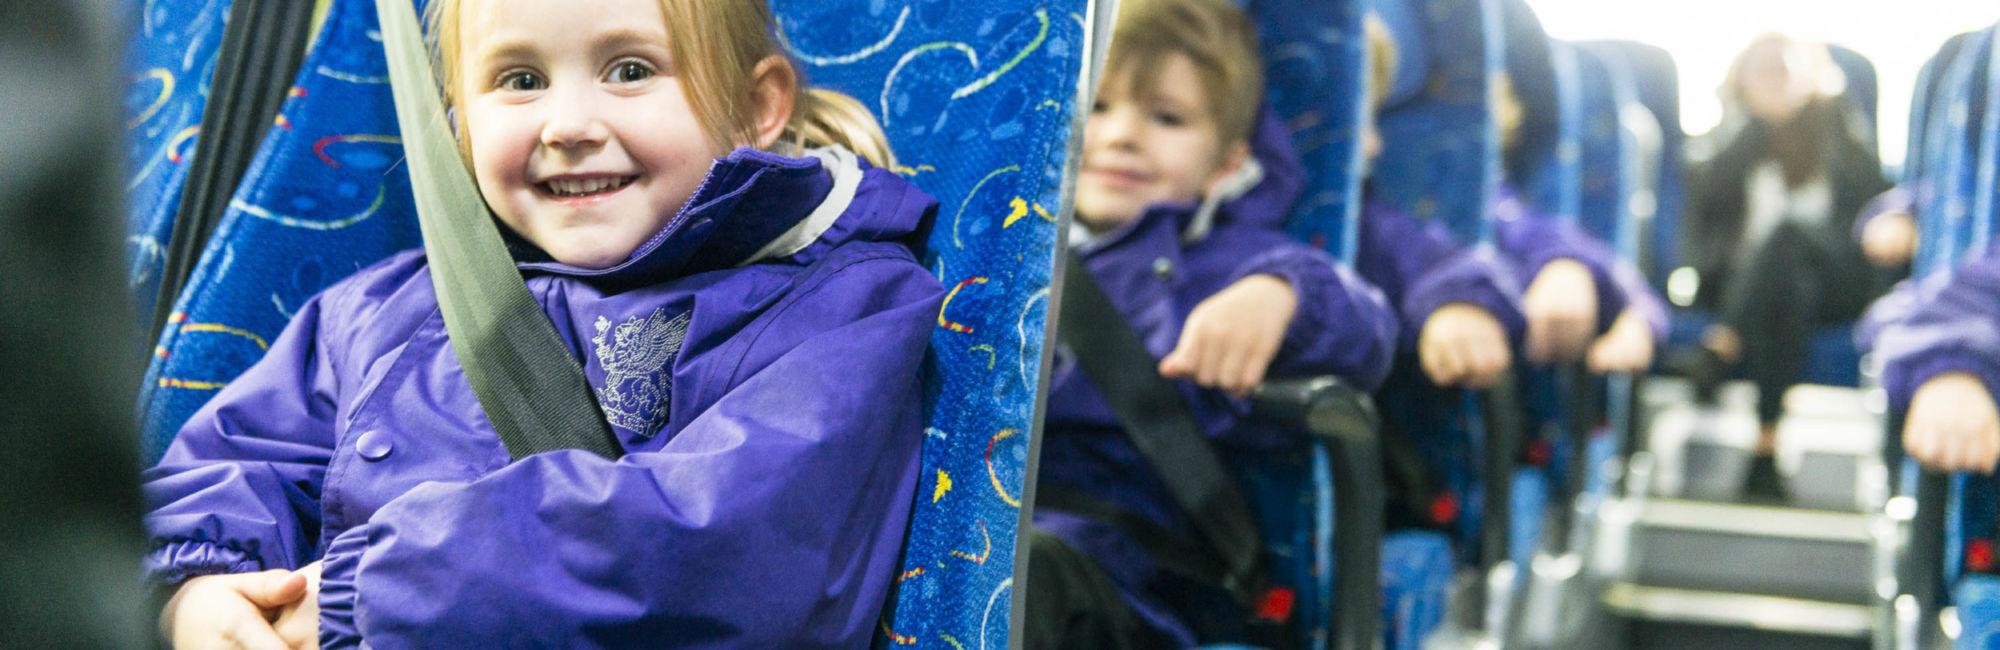 wycliffe nursery kids riding a minibus